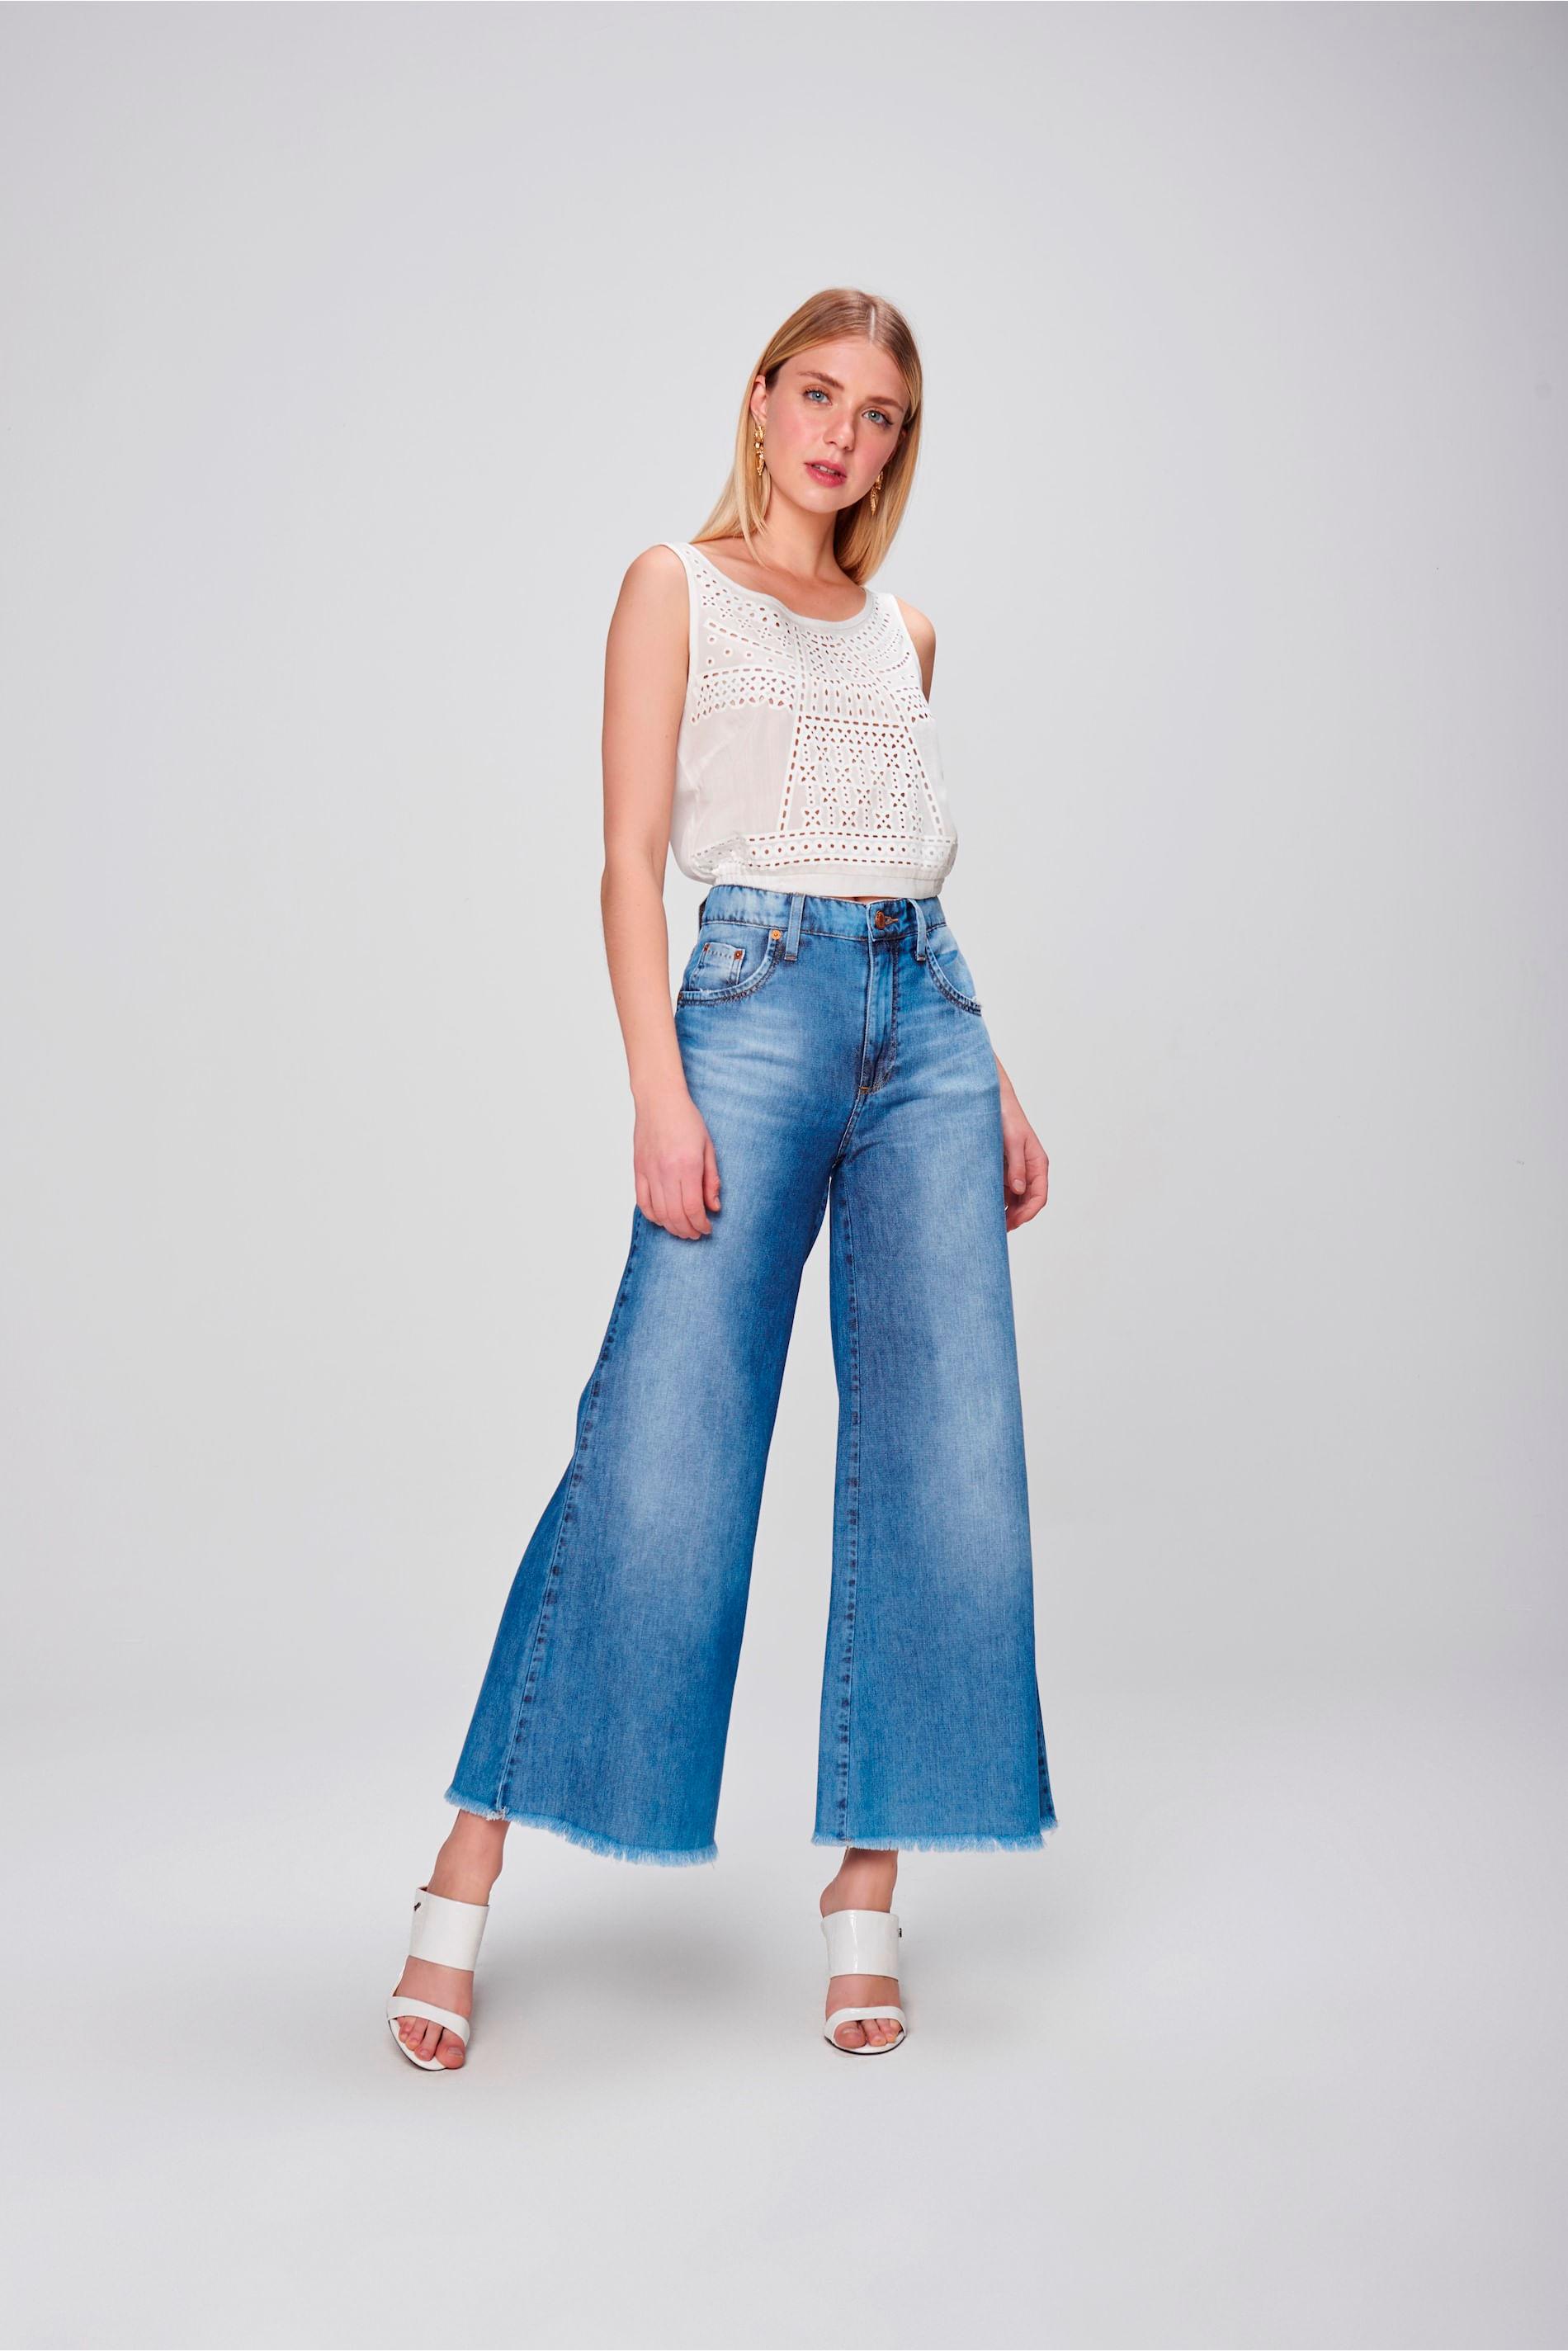 Resultado de imagem para pantalona jeans